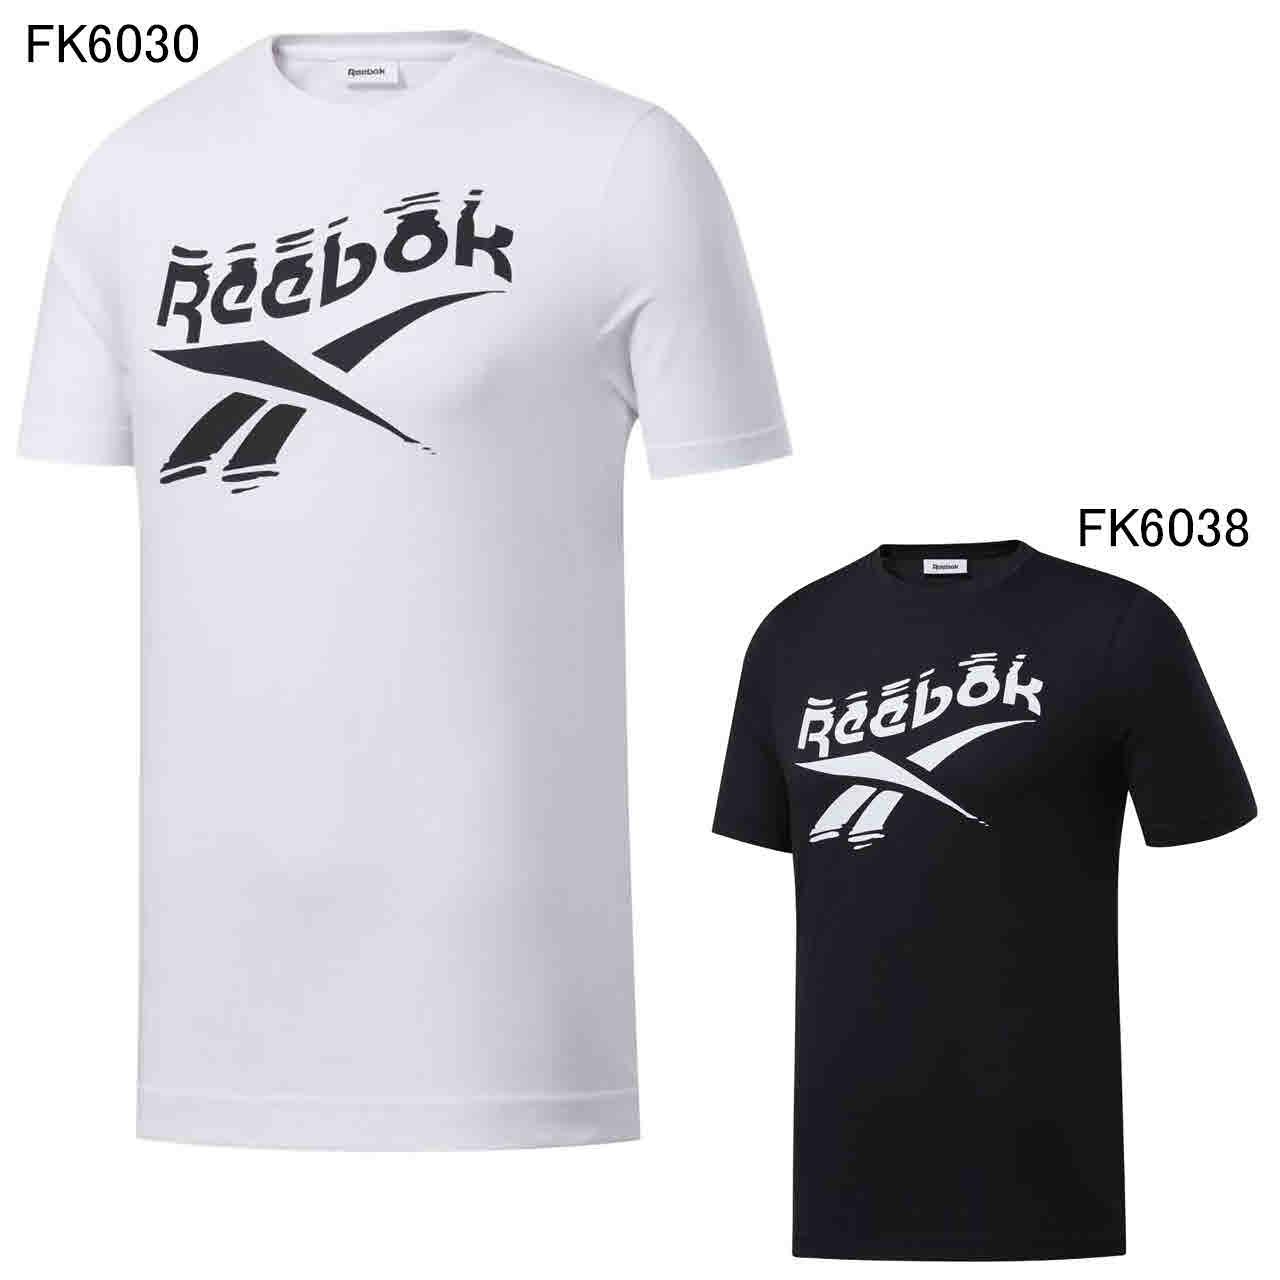 リーボック エクササイズ フィットネス シャツ トップス メンズ ユニセックス GS Branded Crew Tee Reebok GJC12